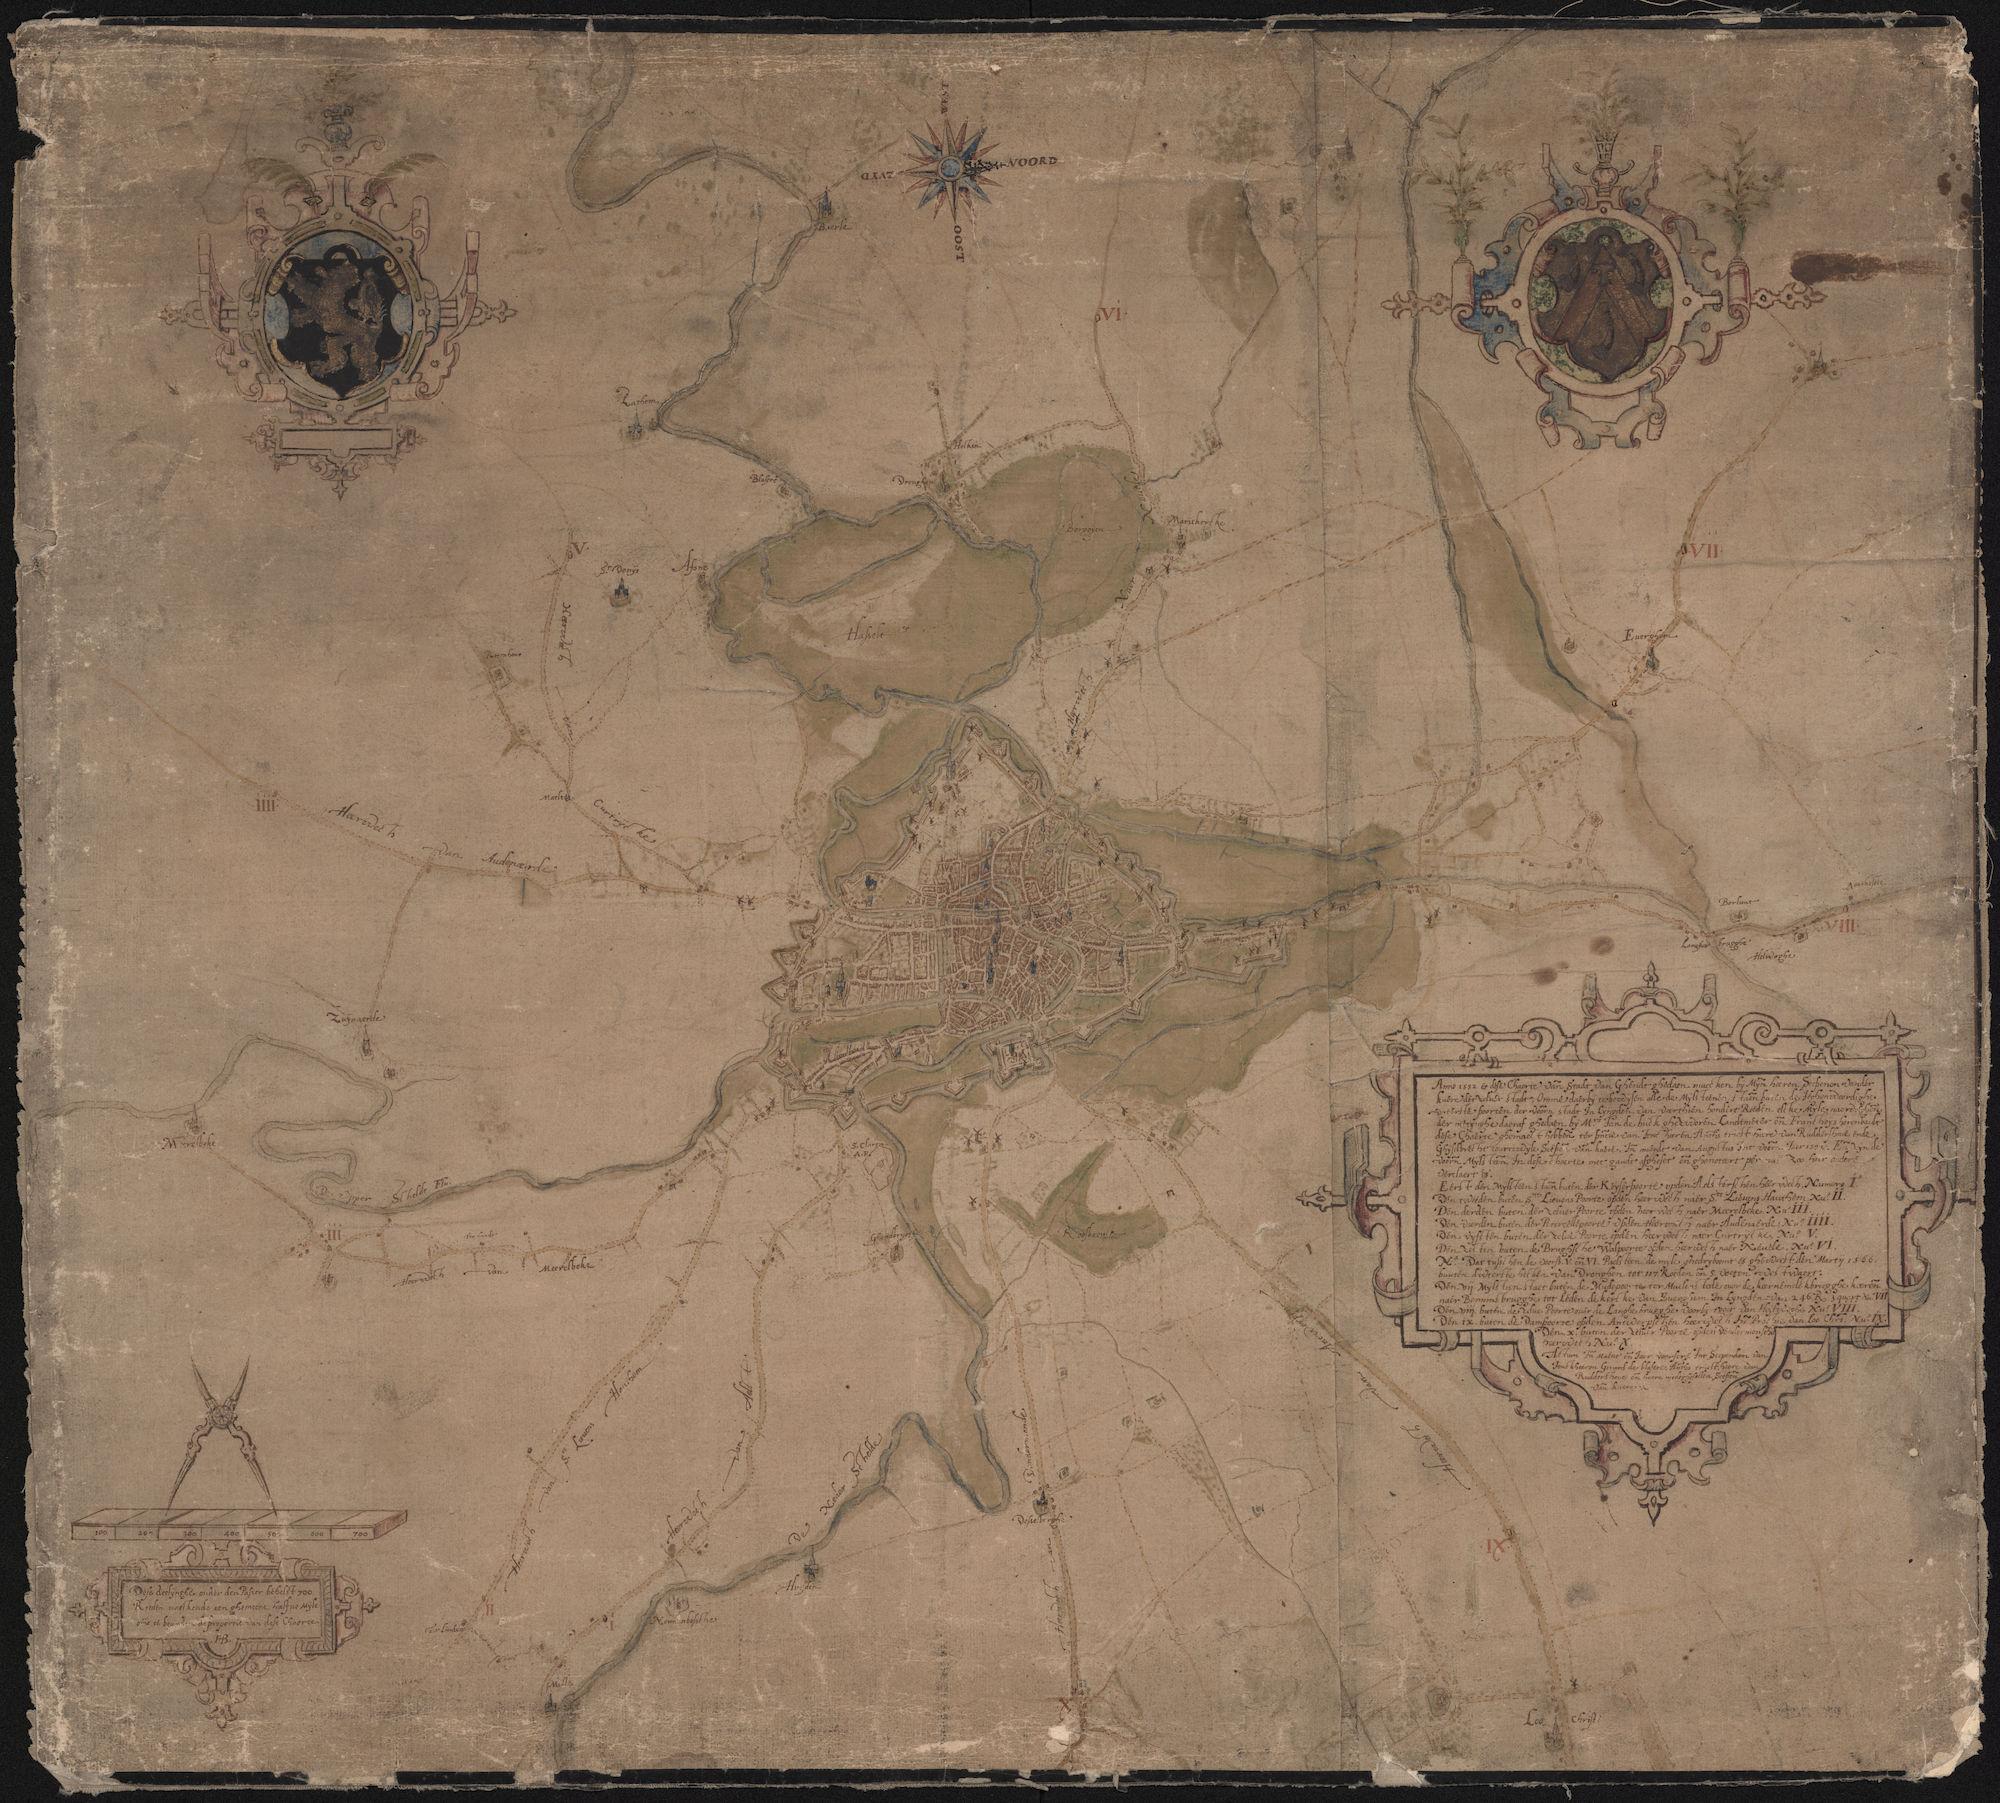 Kaart van Gent en omgeving tot aan de mijlpalen, Jan de Buck en François Horenbault, 1592